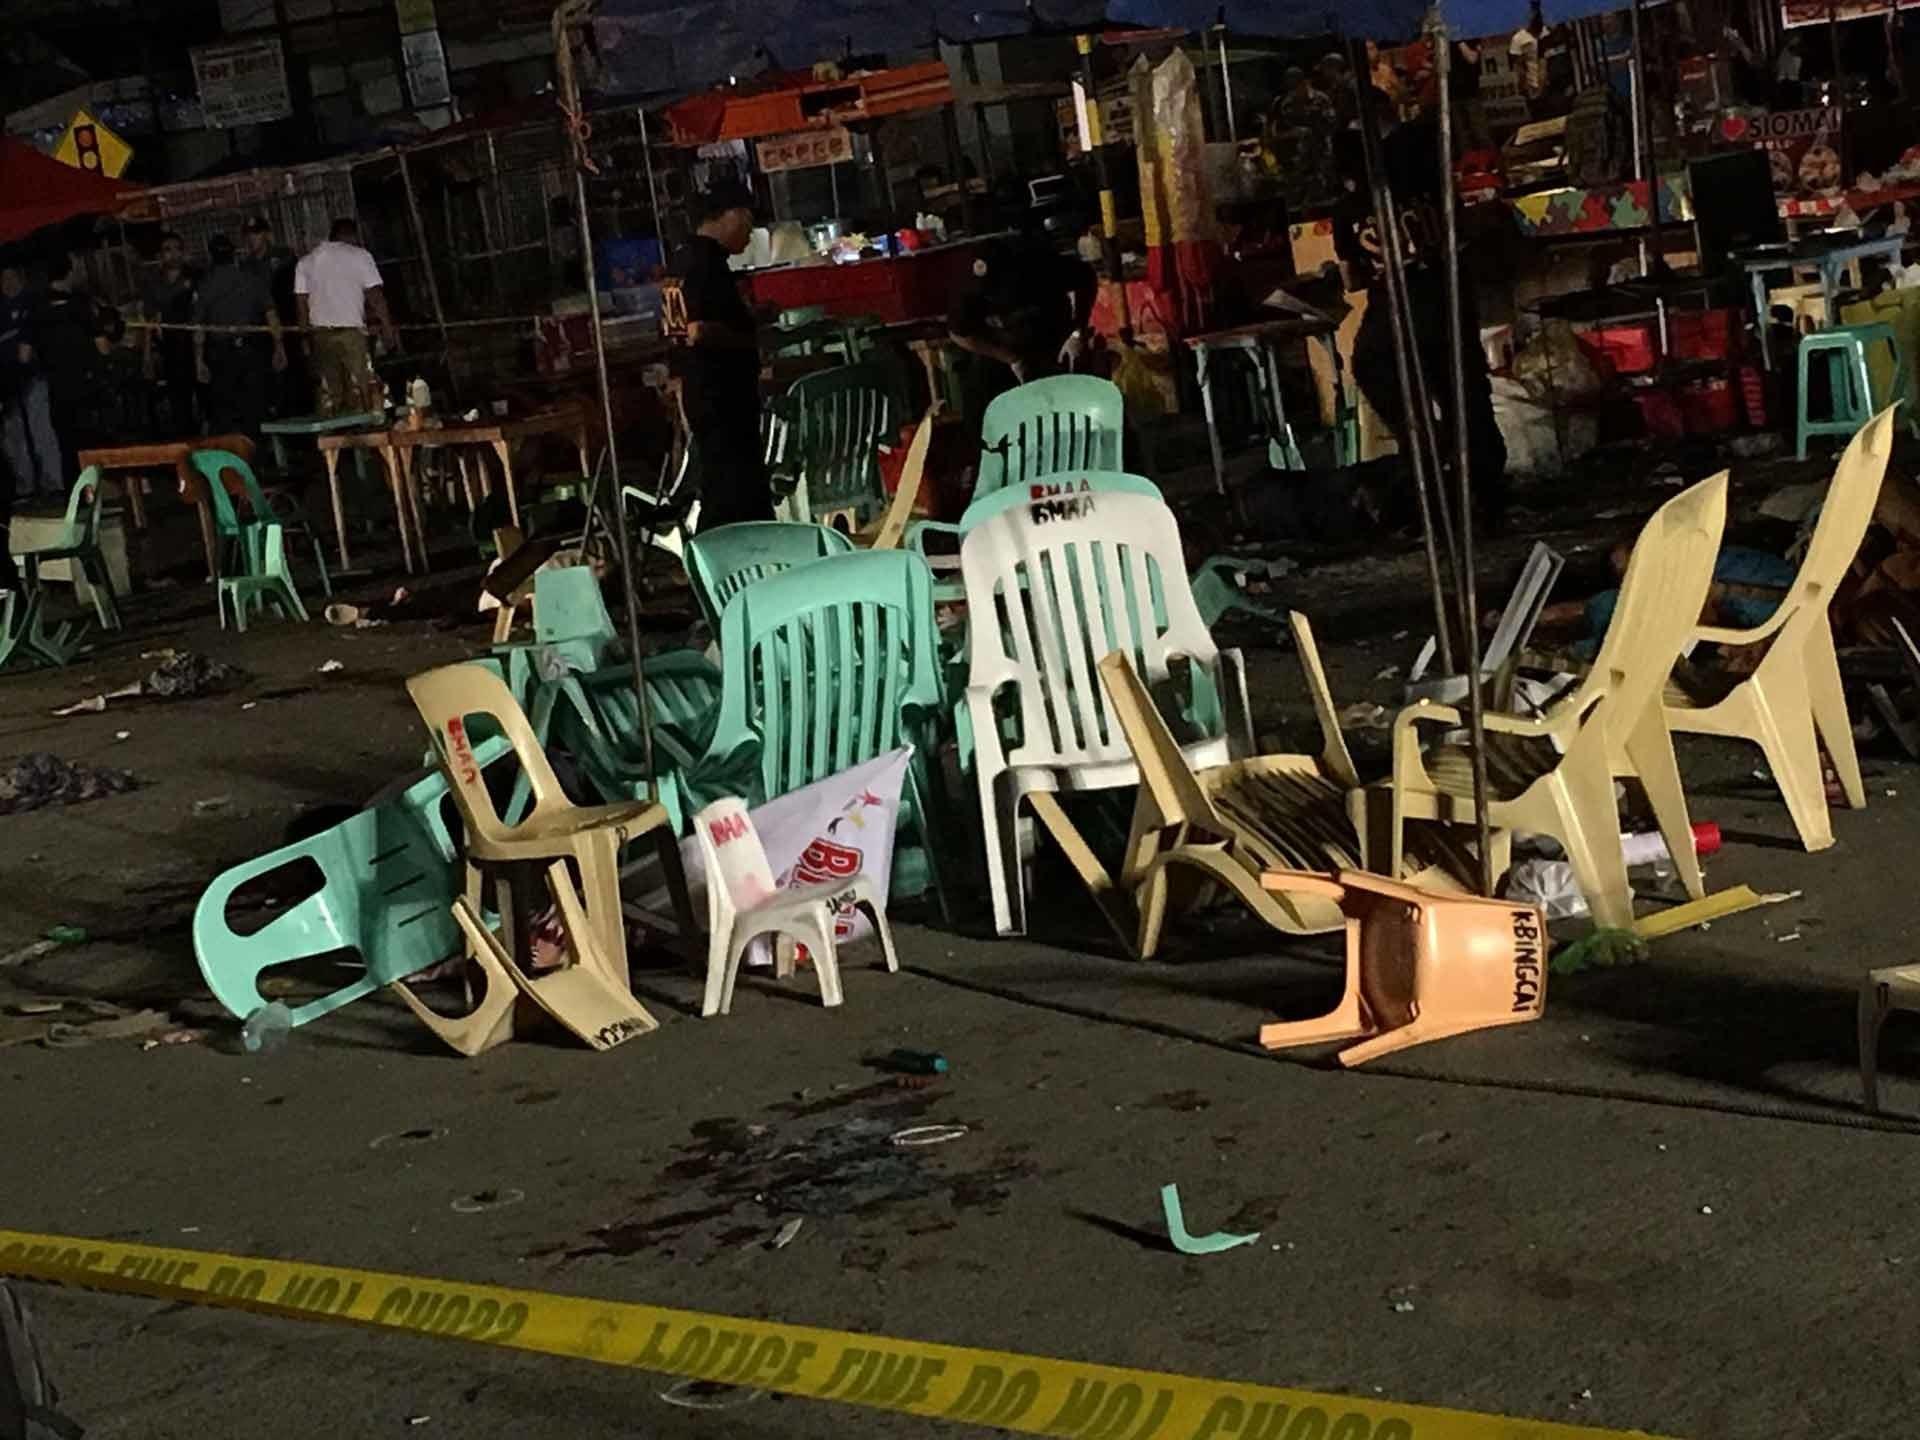 Жахлива трагедія! Внаслідок вибуху поранено велику кількість людей